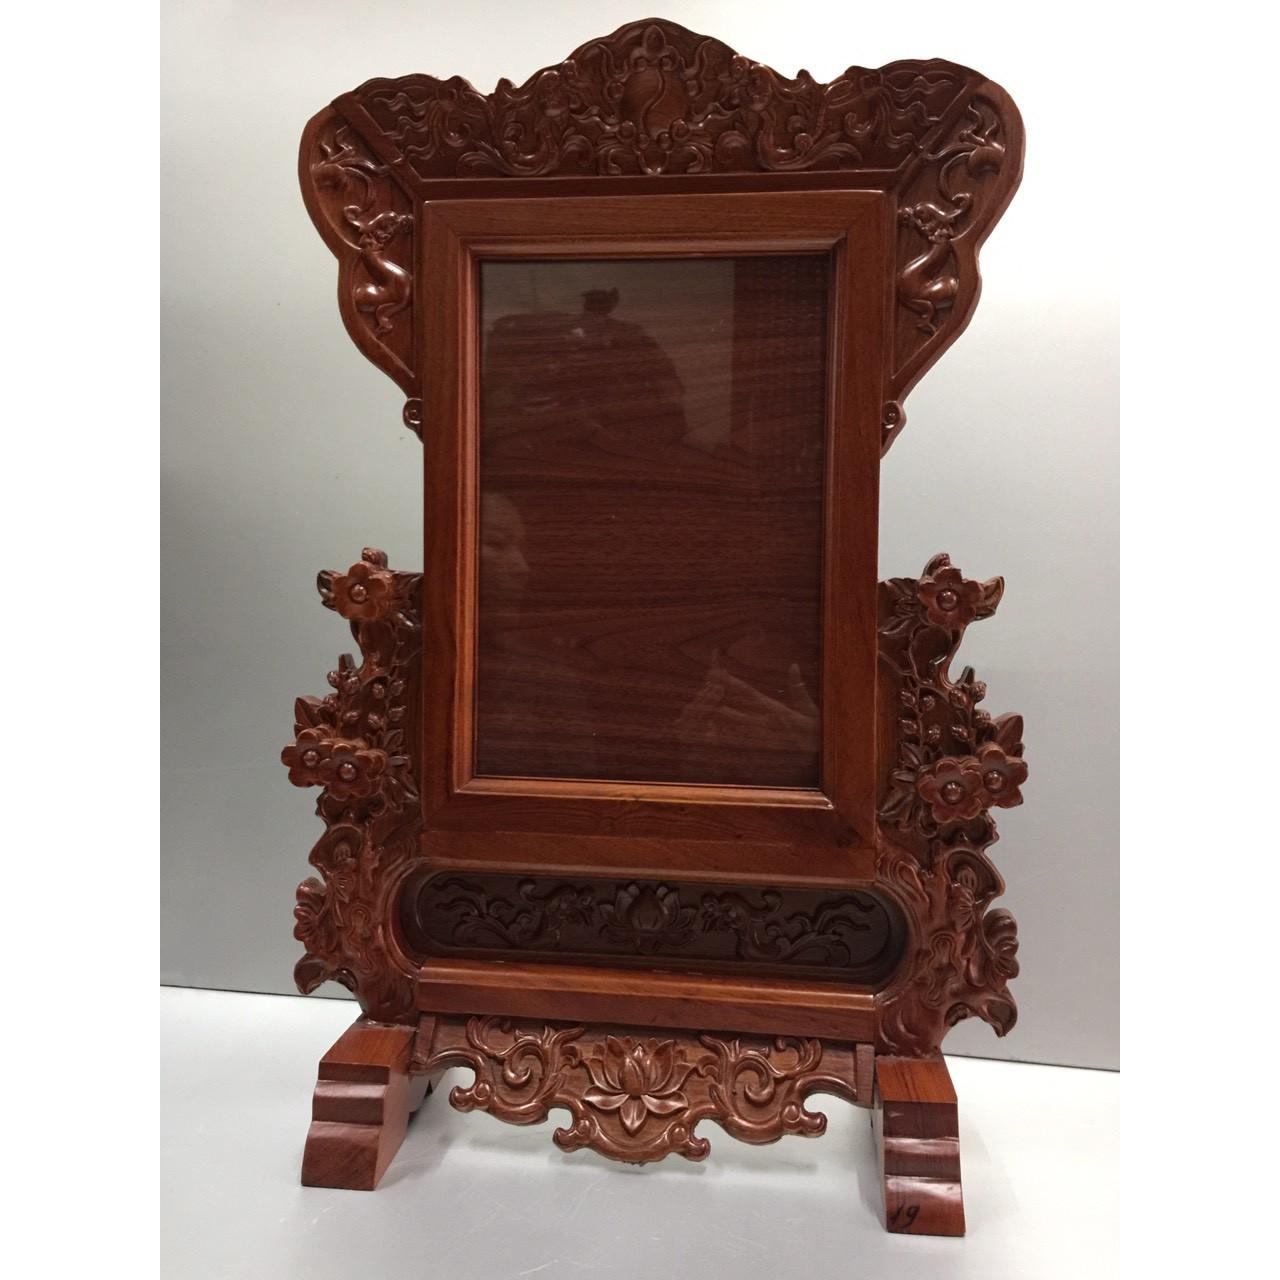 Khung ảnh thờ gỗ hương đỏ phun sơn PU màu nâu gụ